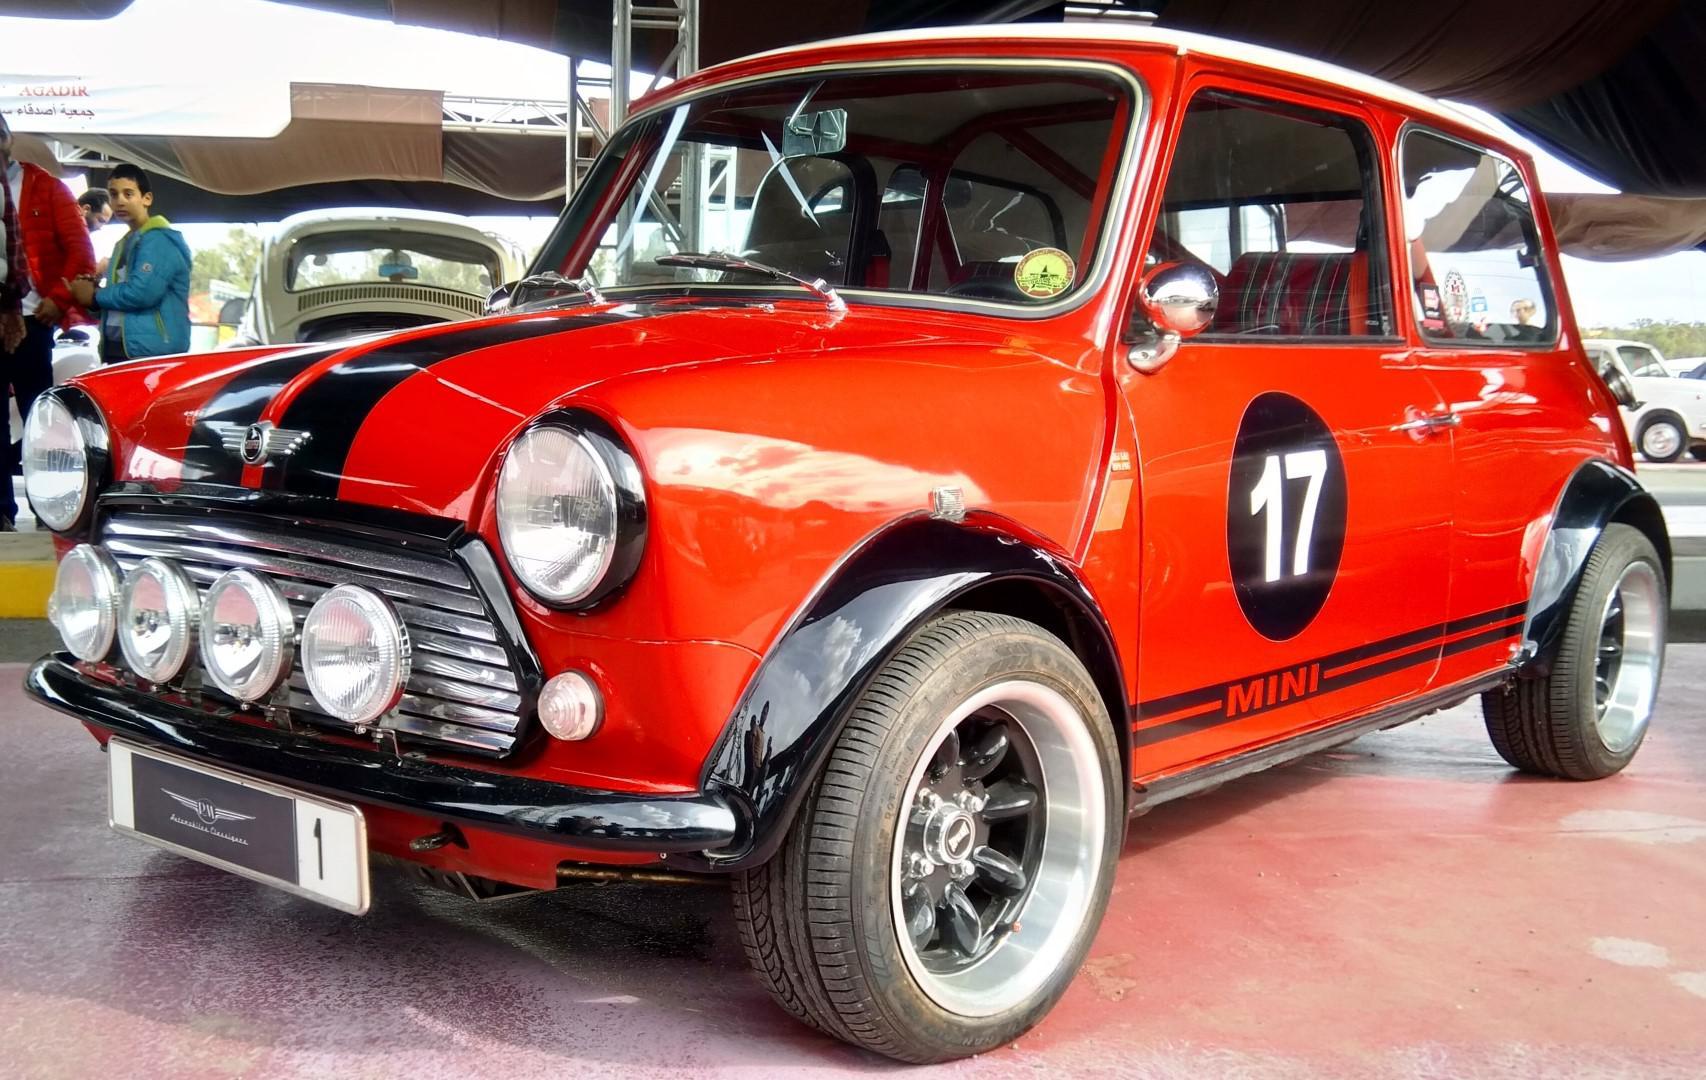 les-voitures-de-sports-du-classic-cars-expo-2019-1137-5.jpg